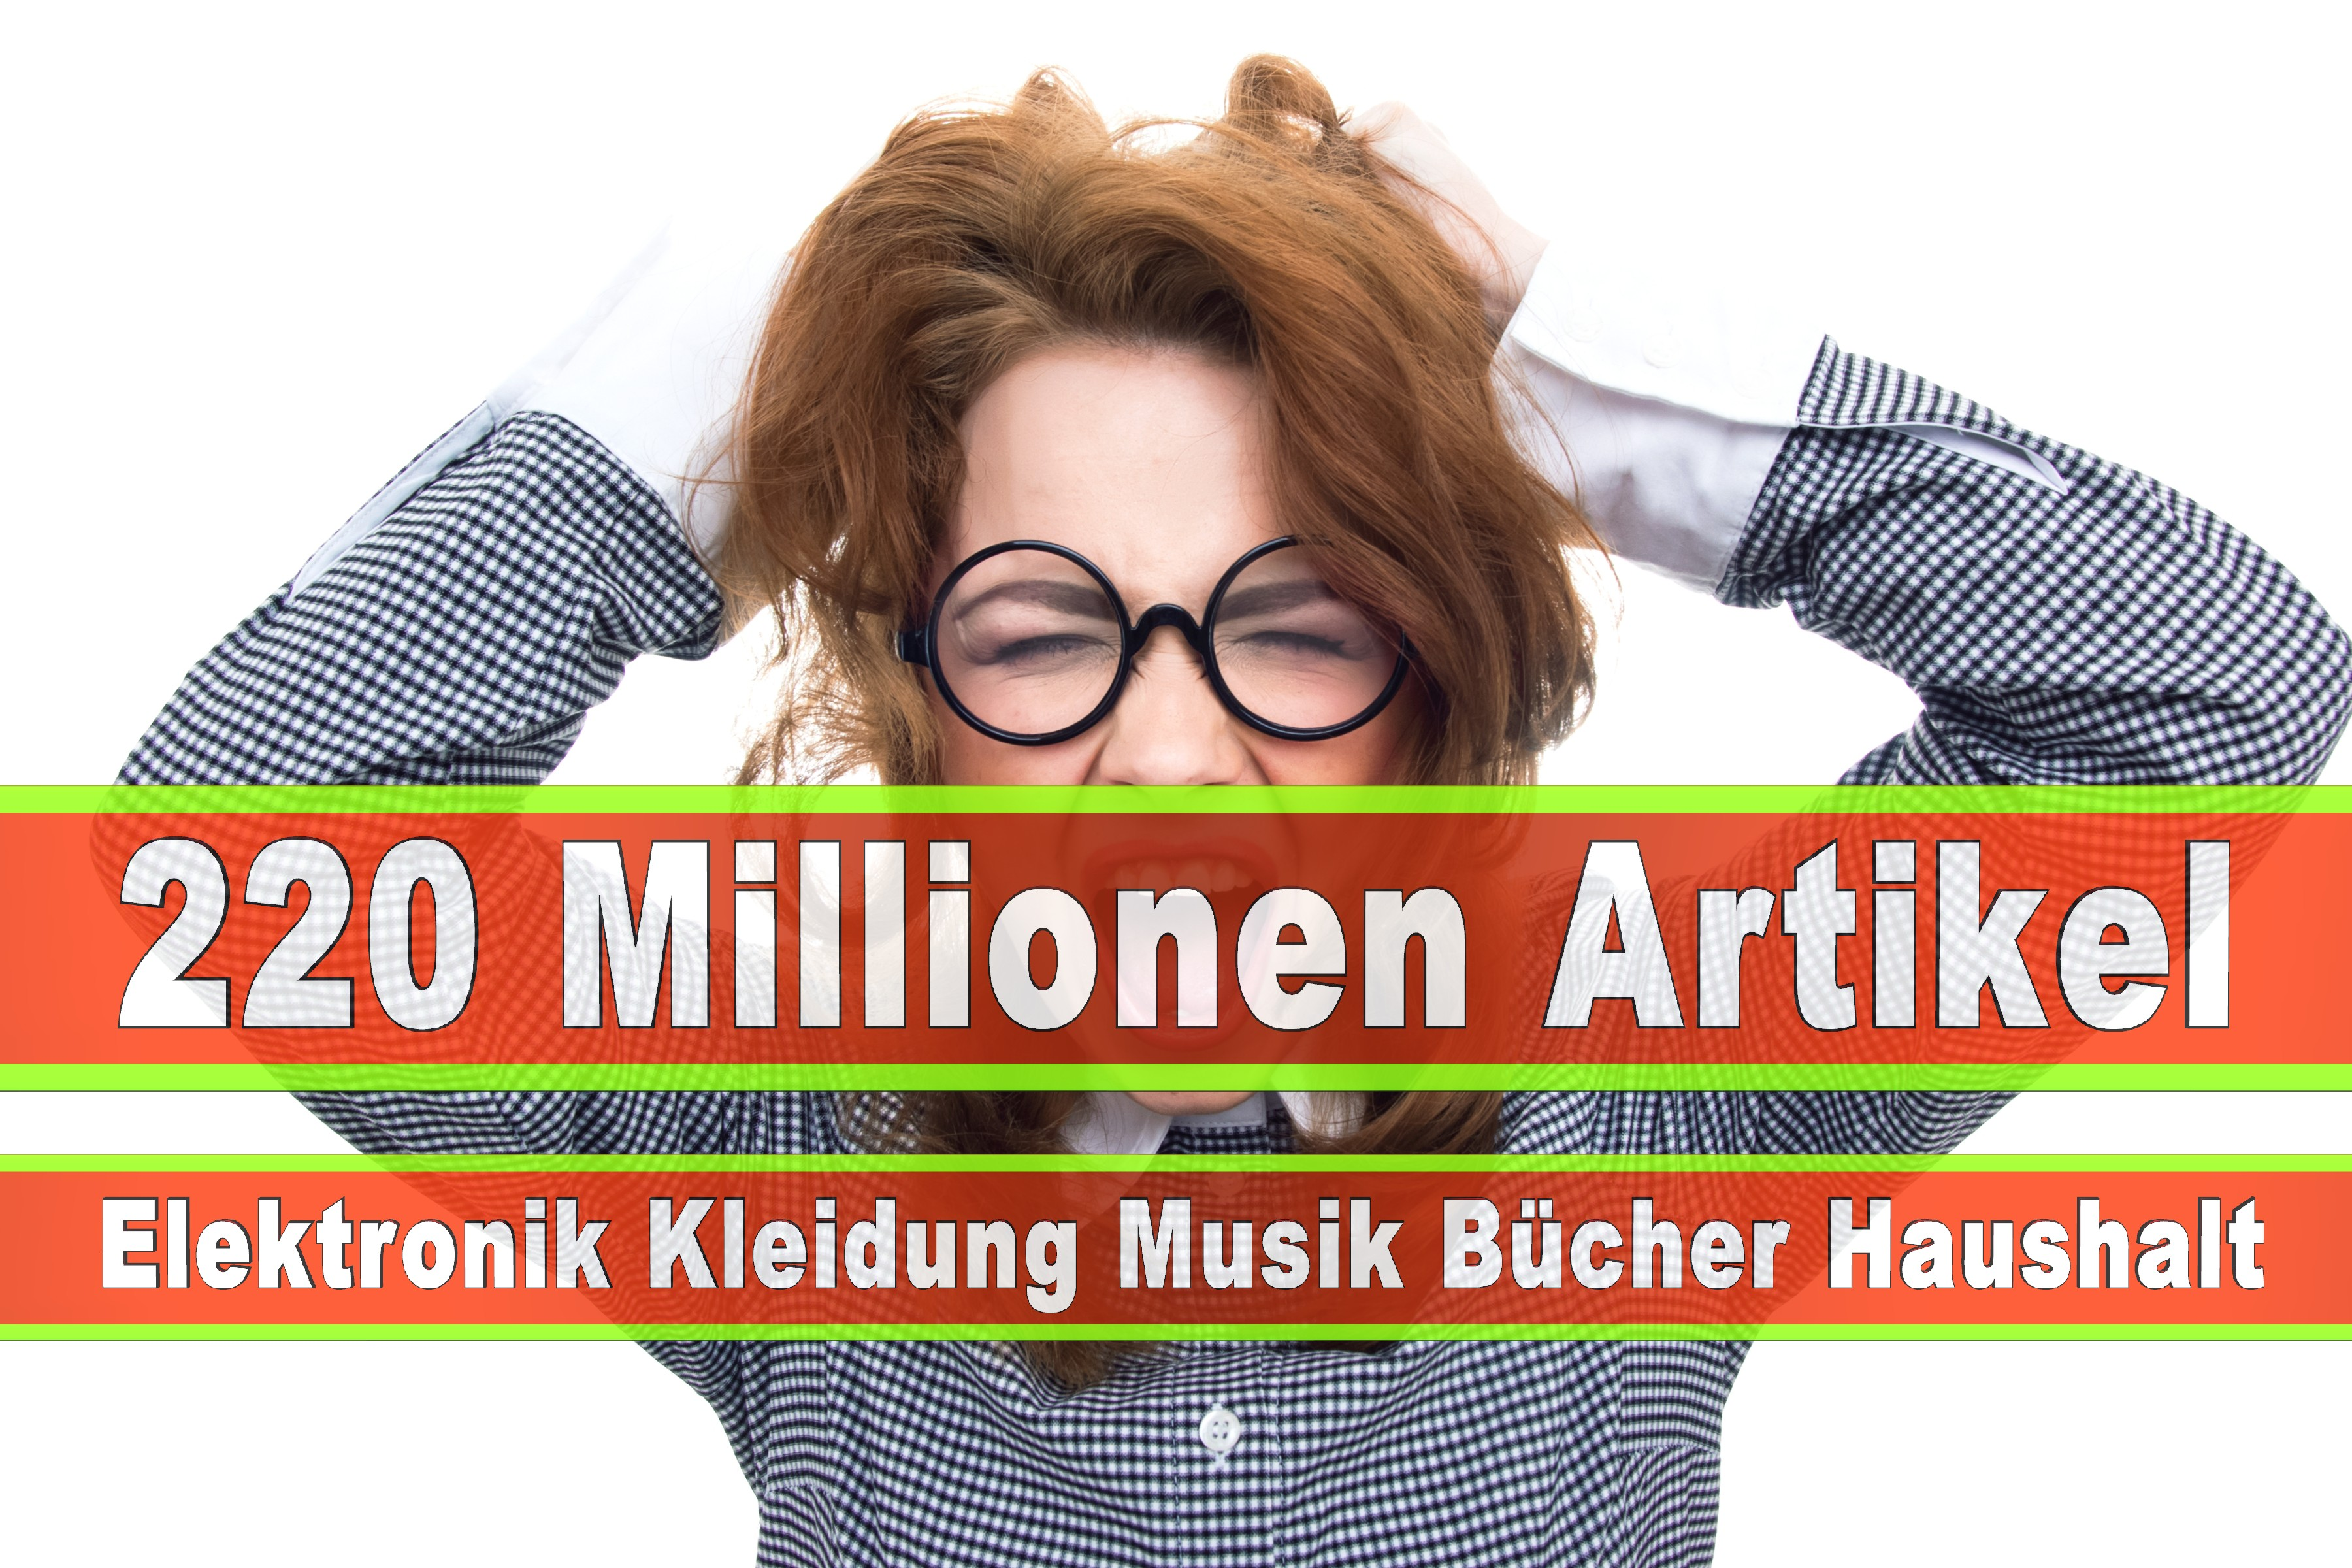 Amazon Elektronik Musik Haushalt Bücher CD DVD Handys Smartphones TV Television Fernseher Kleidung Mode Ebay Versandhaus (81)